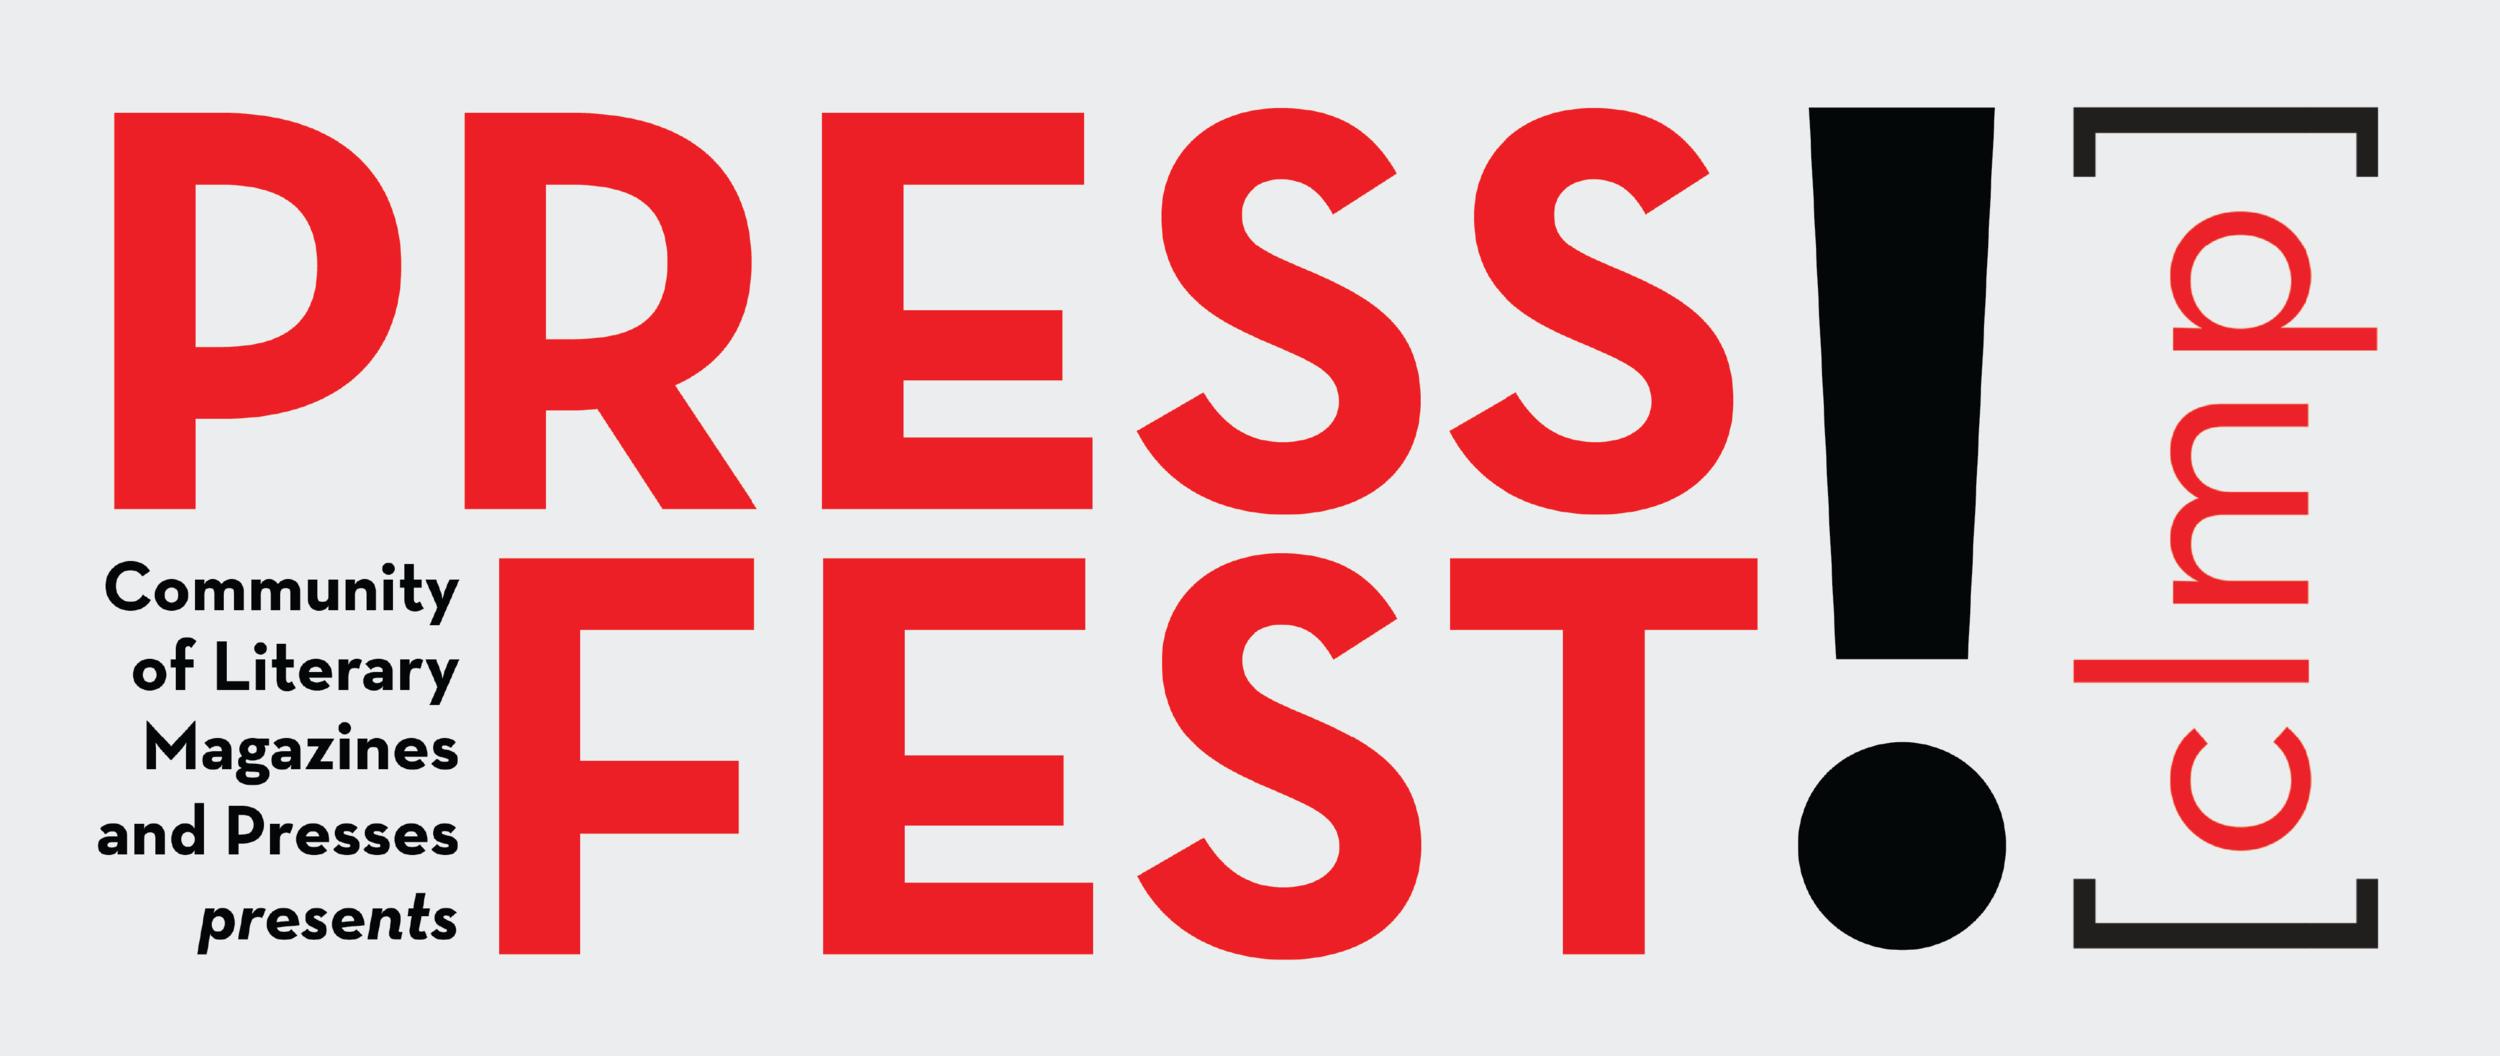 press-fest-clmp-2018-01-e1540478012271.png